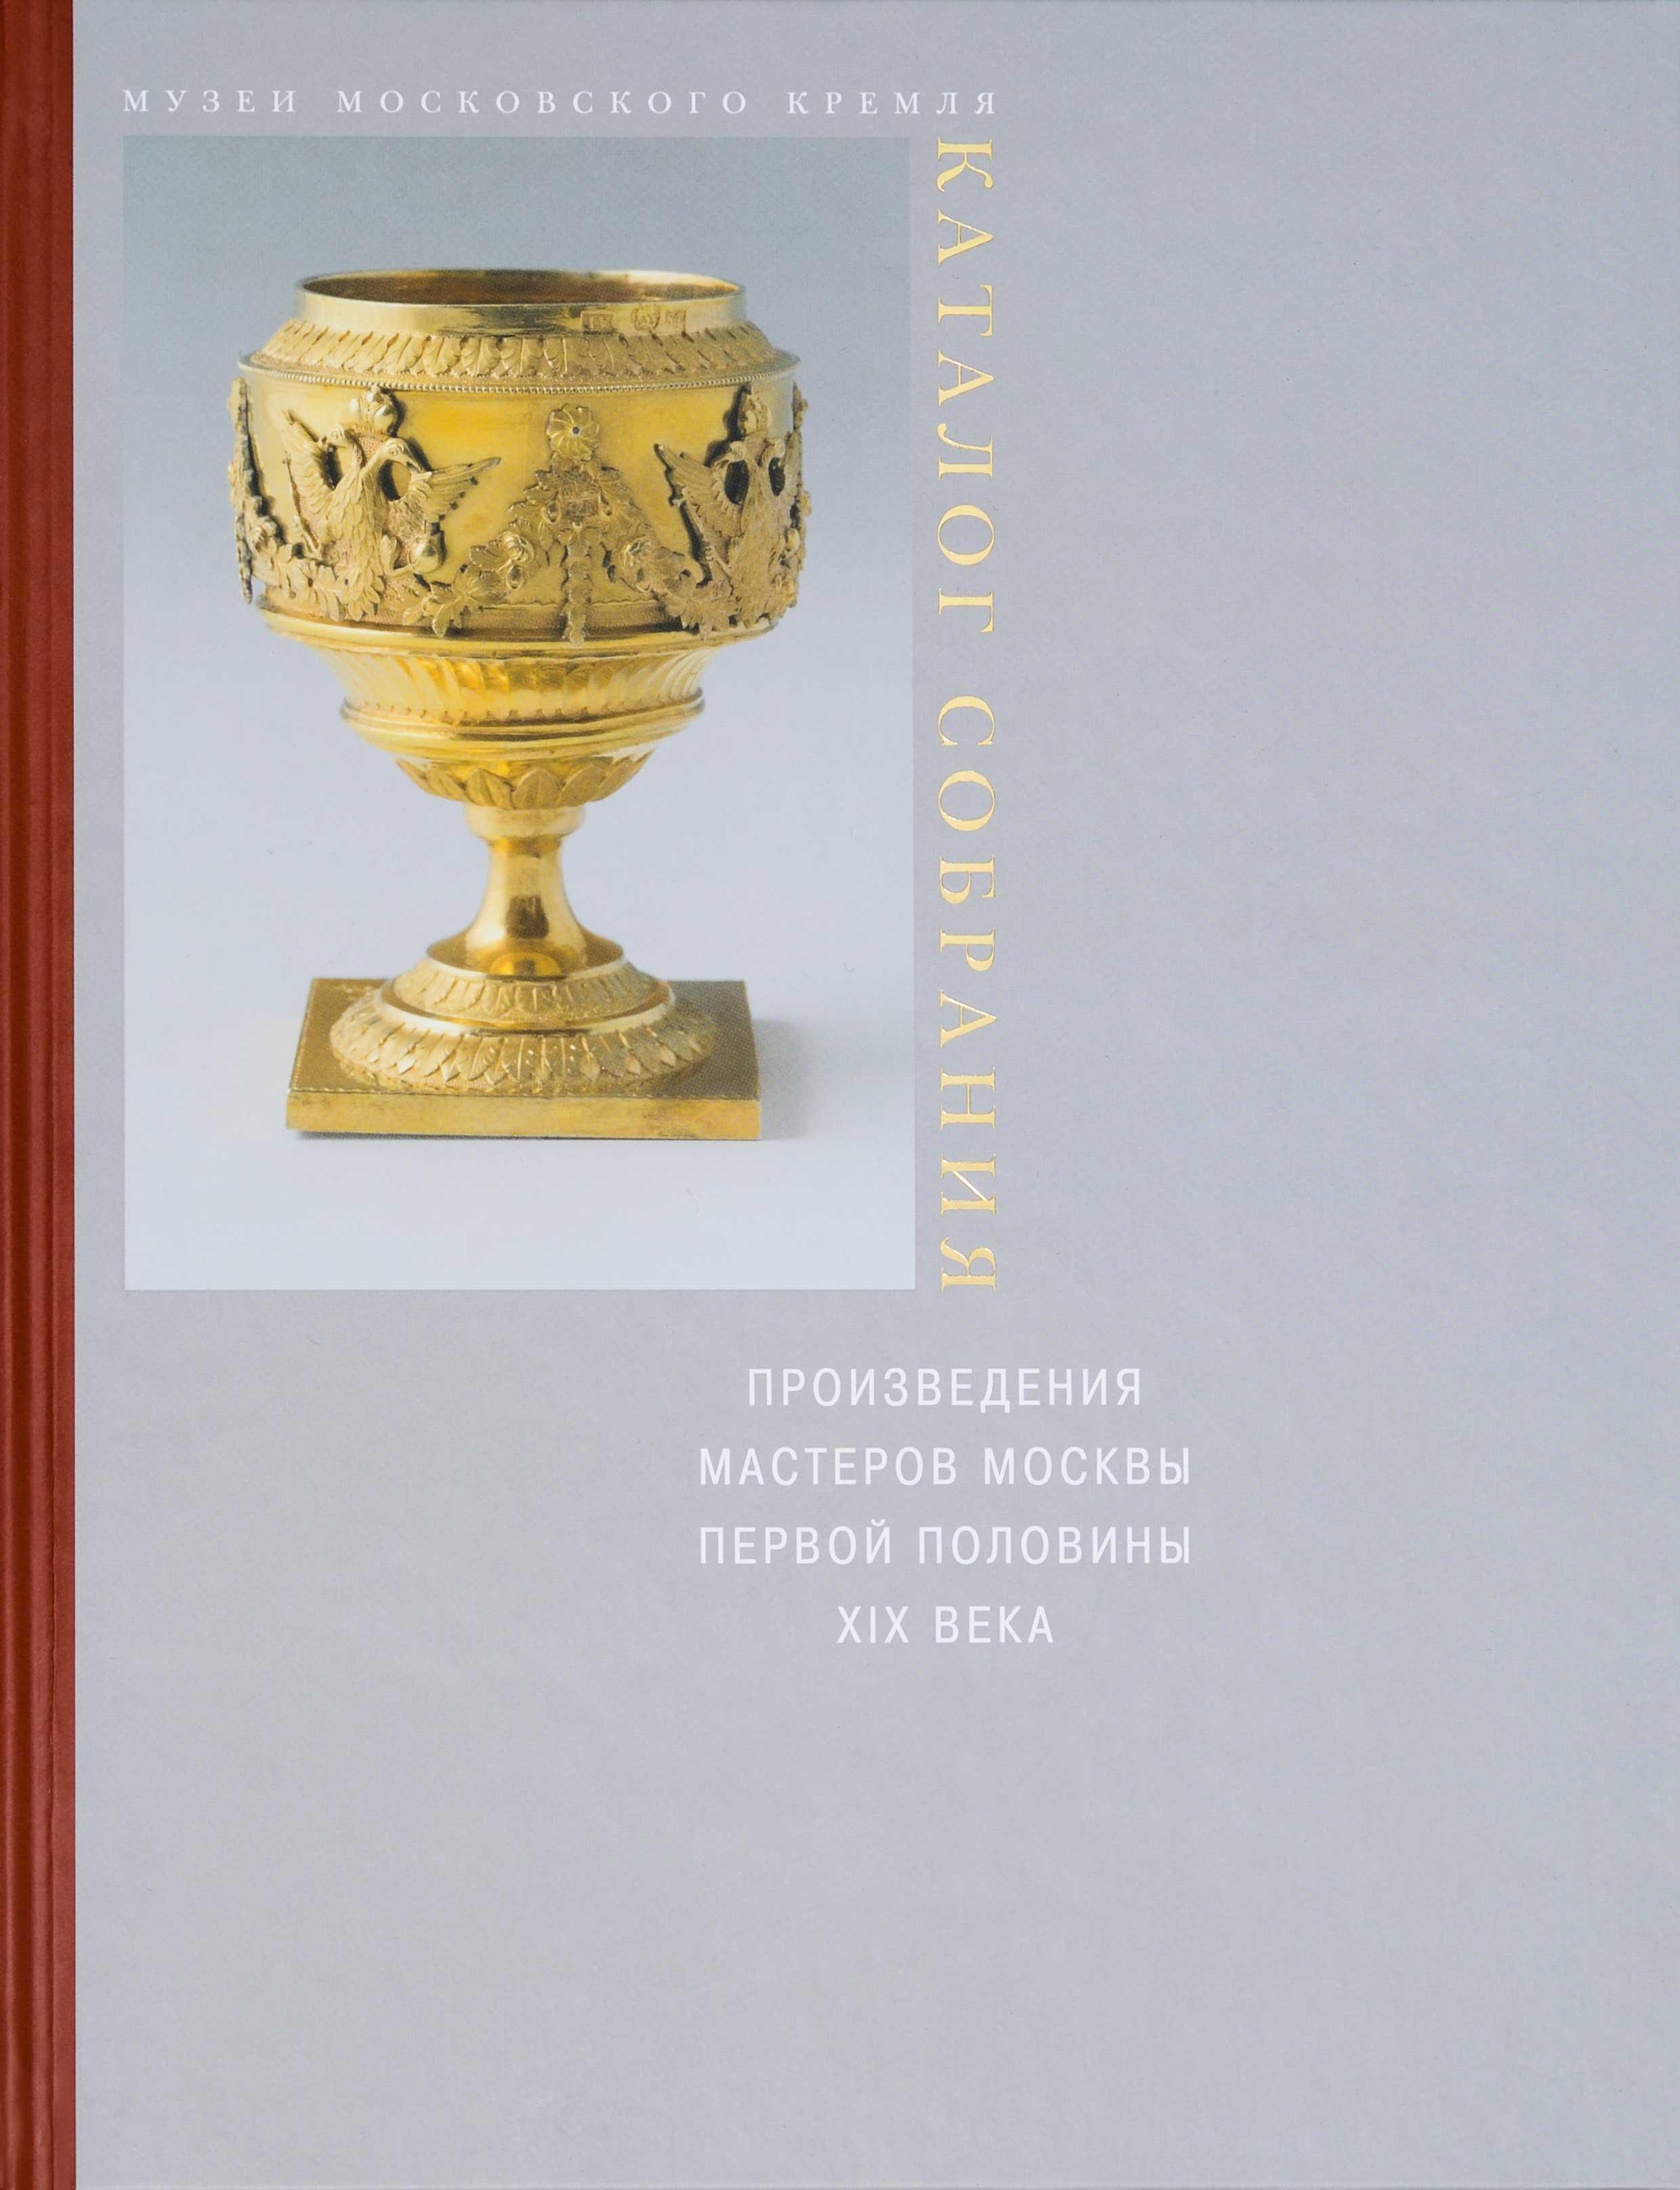 Произведения мастеров Москвы первой половины XIX века